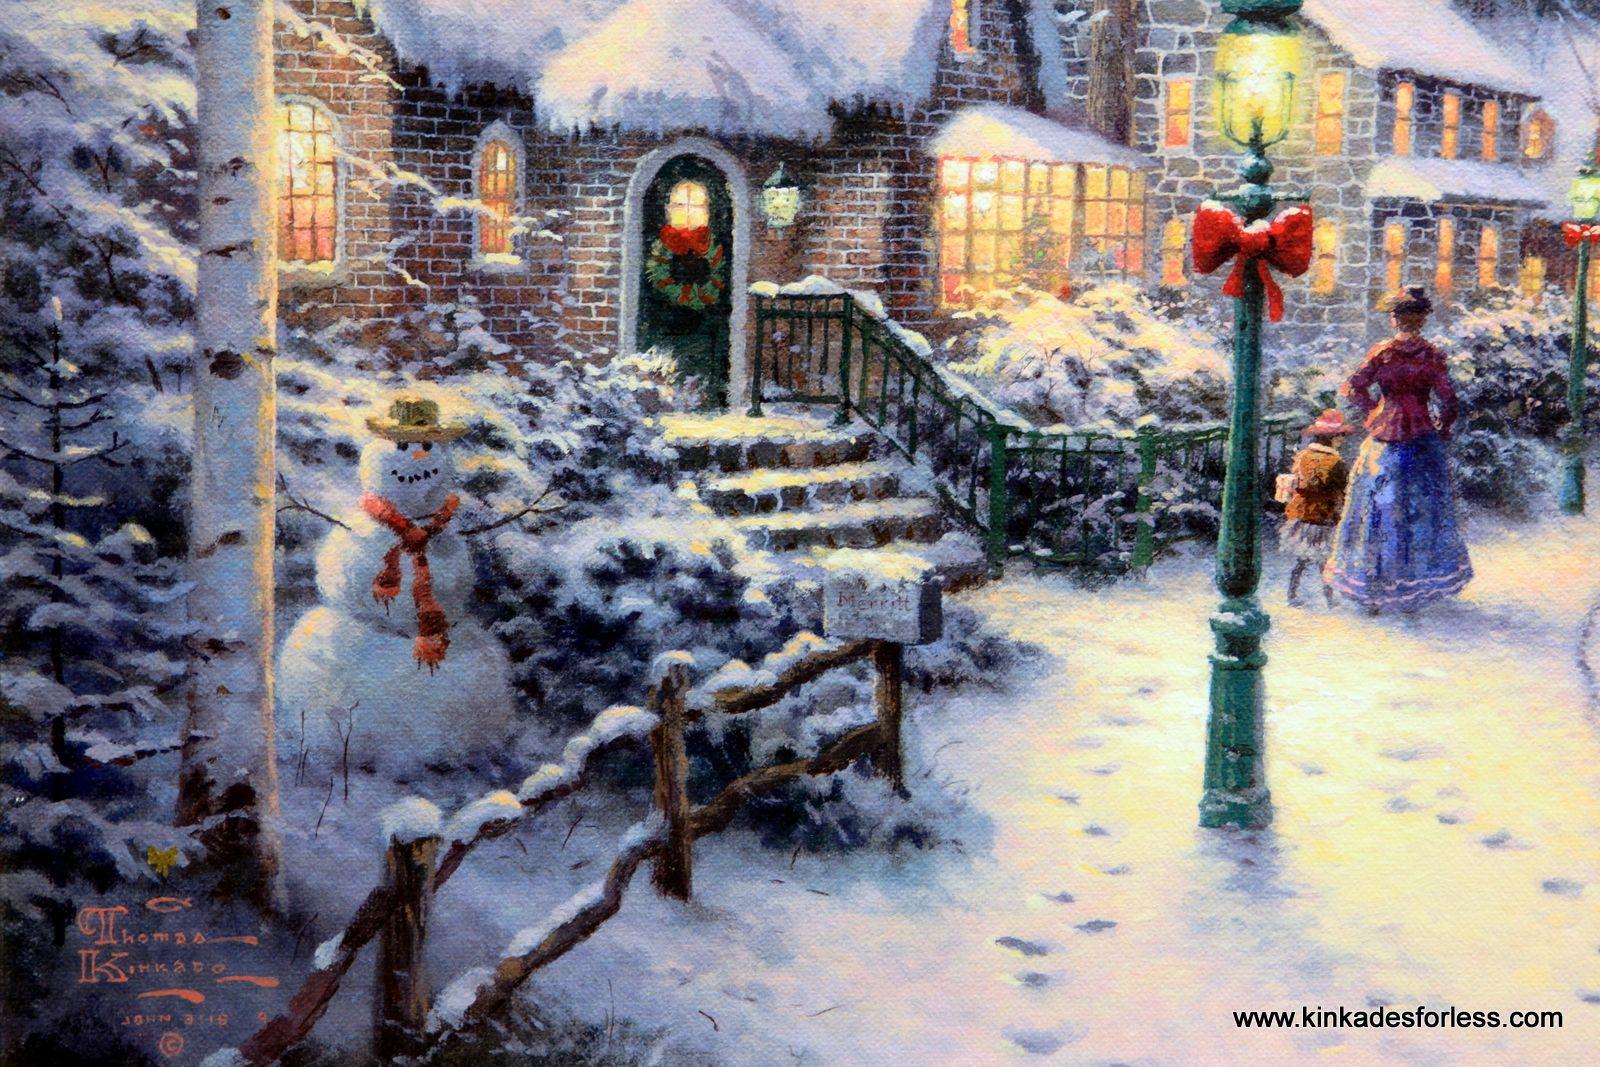 thomas kinkade christmas villages - Google Search | Thomas Kinkade ...